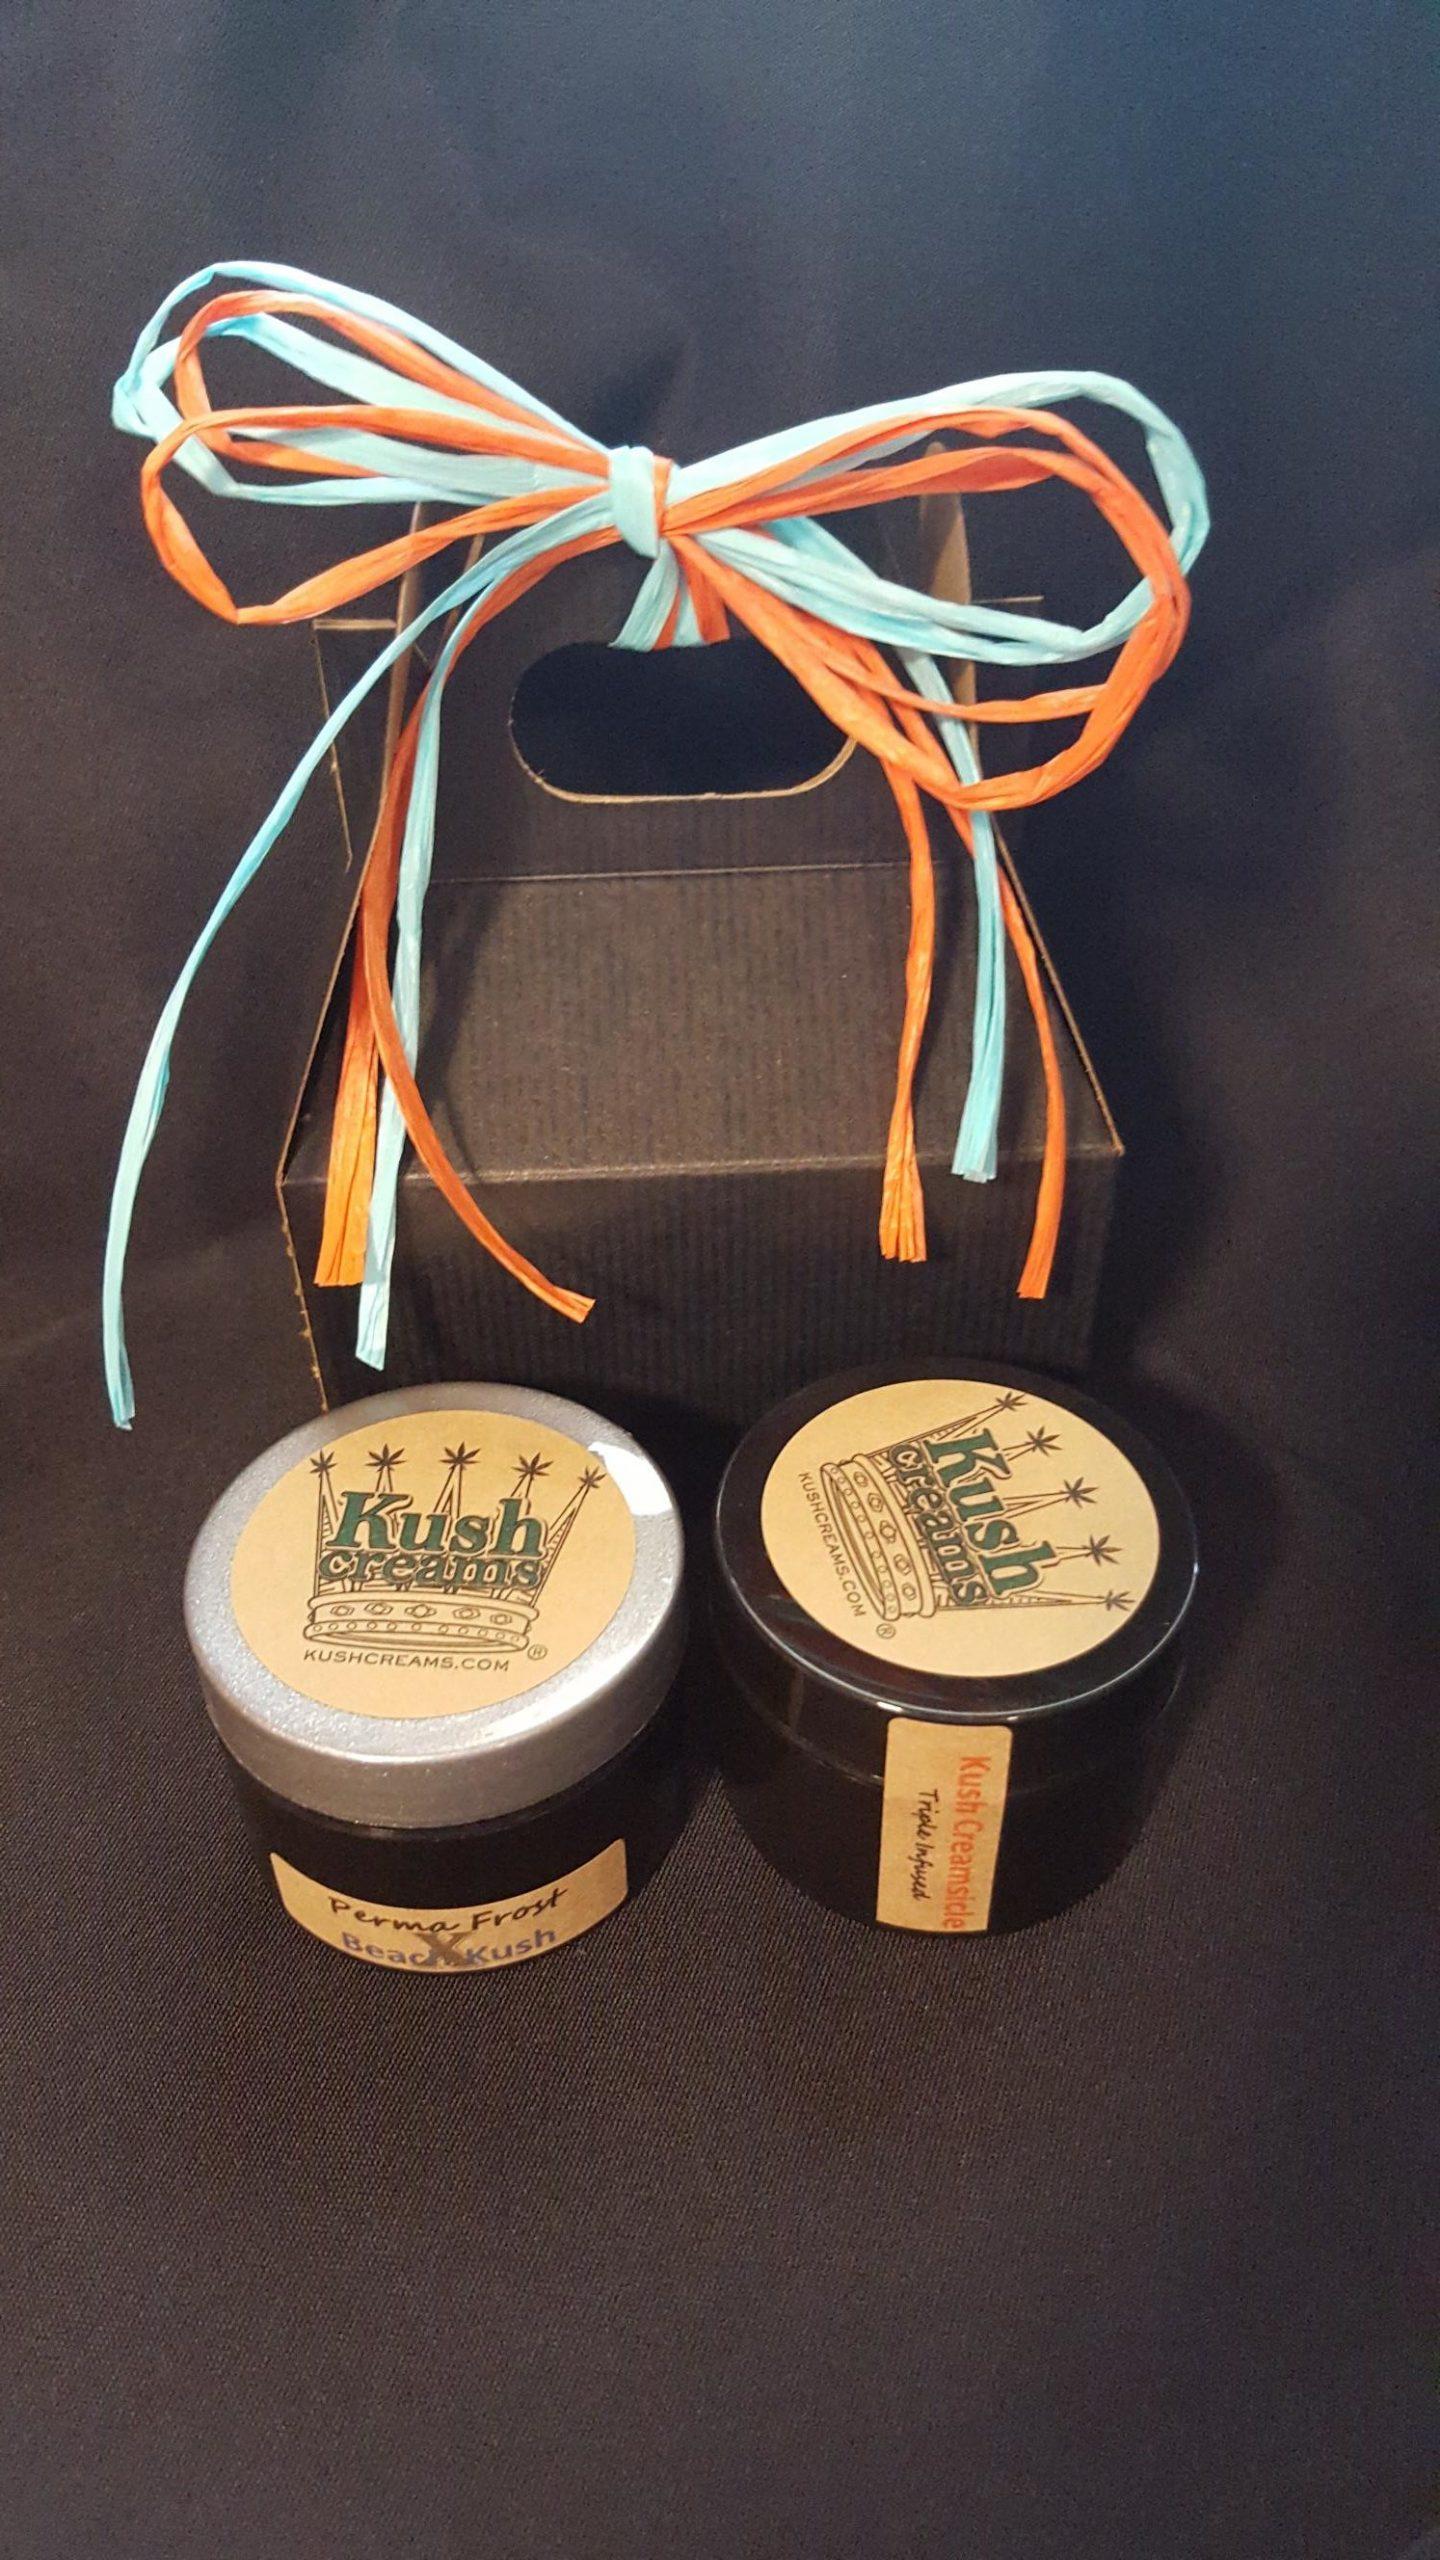 Creams Gift Box